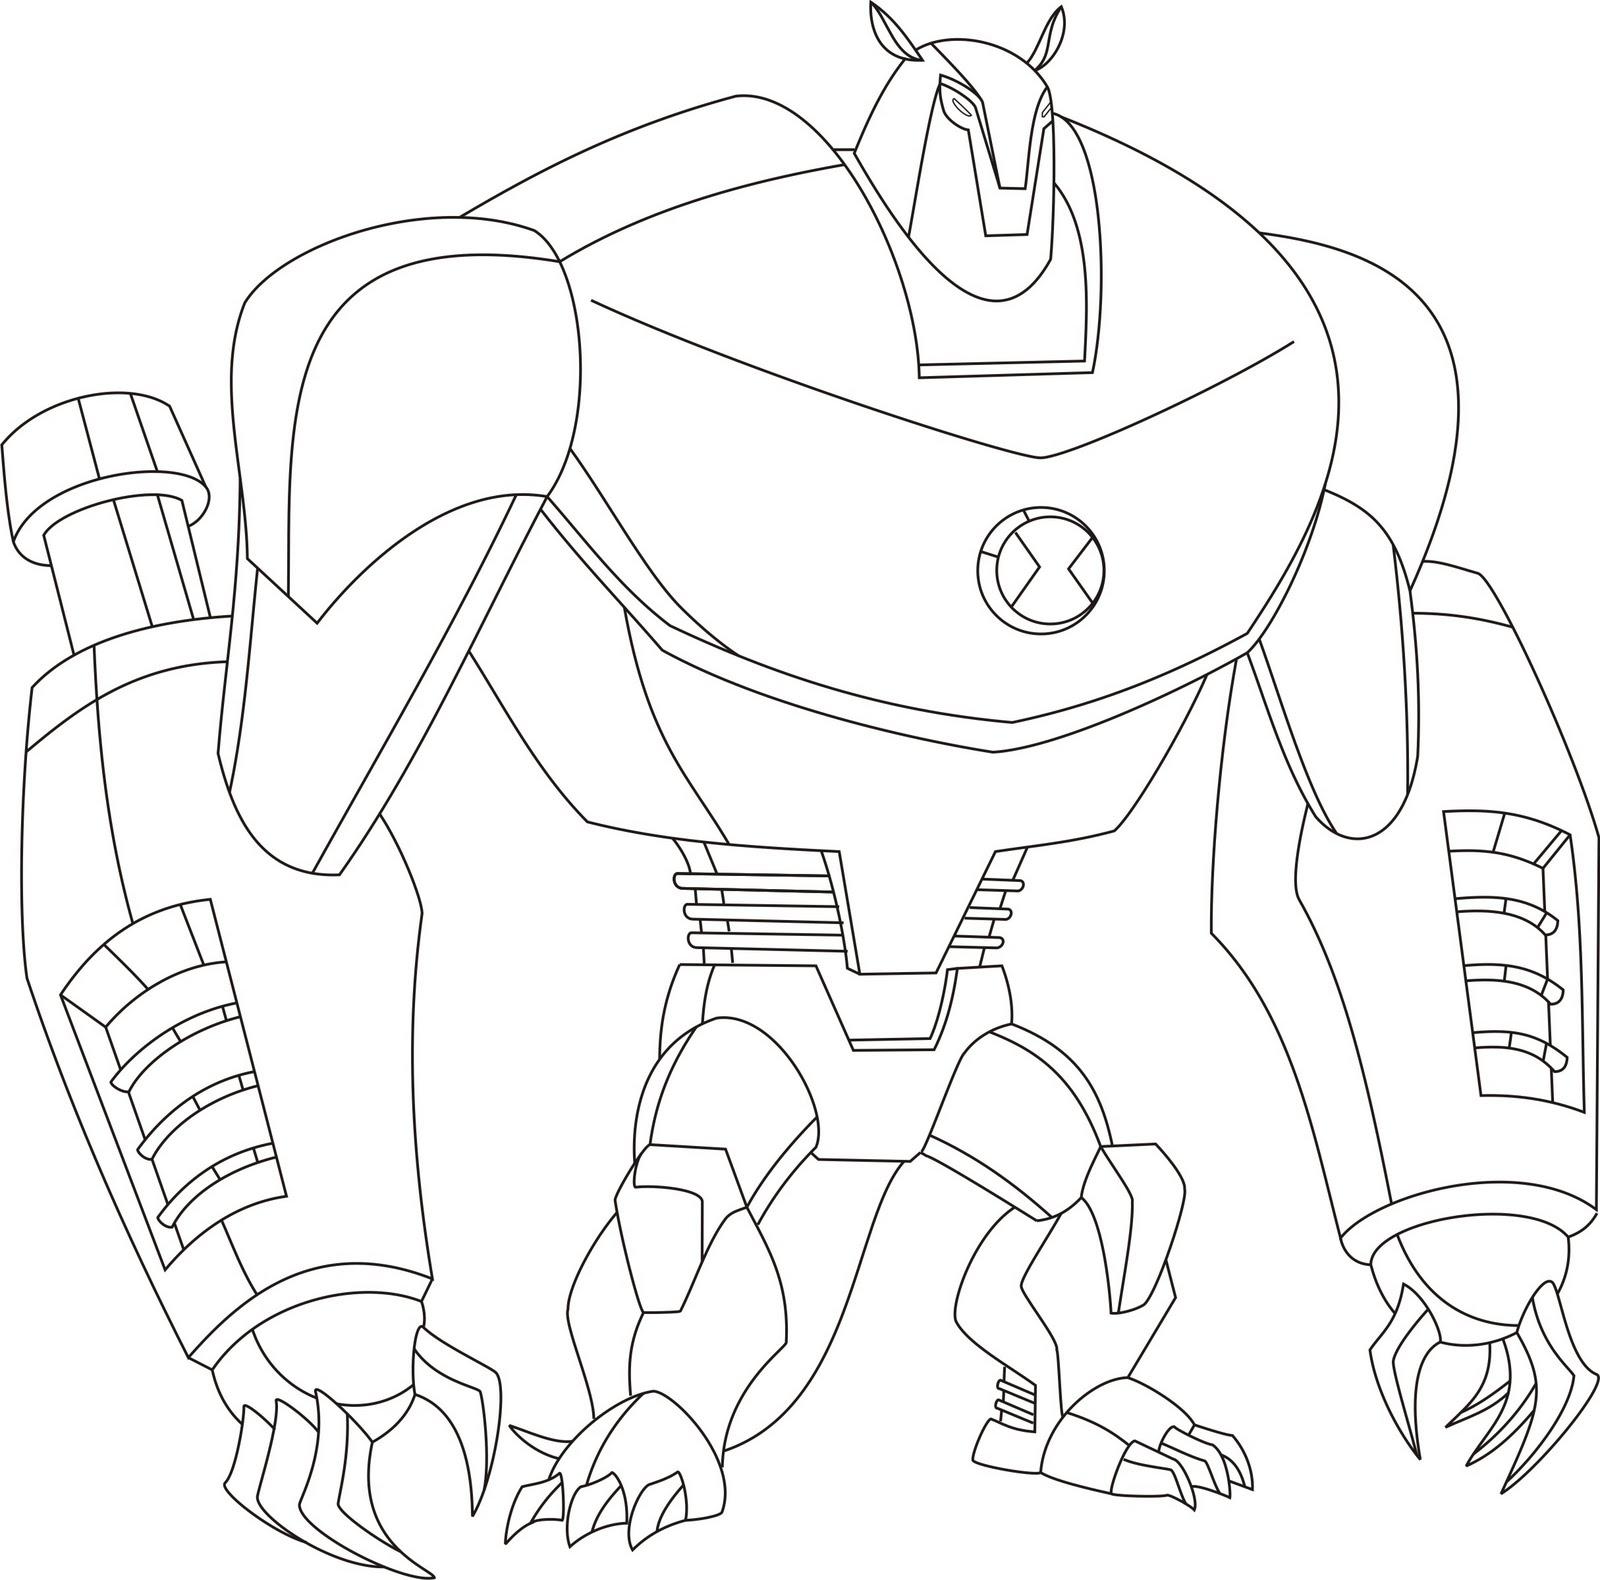 Desenhos para colorir - Ben 10 Supremacia Alienígena